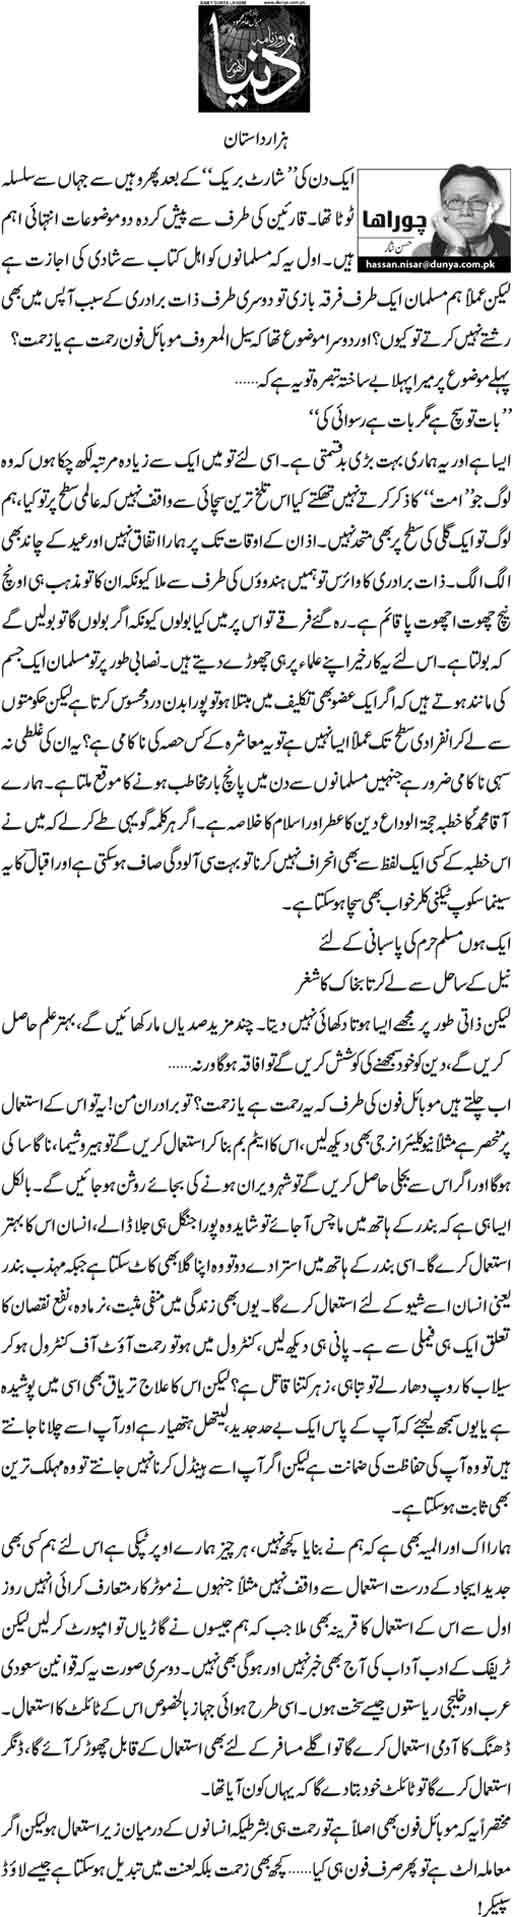 Hazaar dastaan - Hassan Nisar